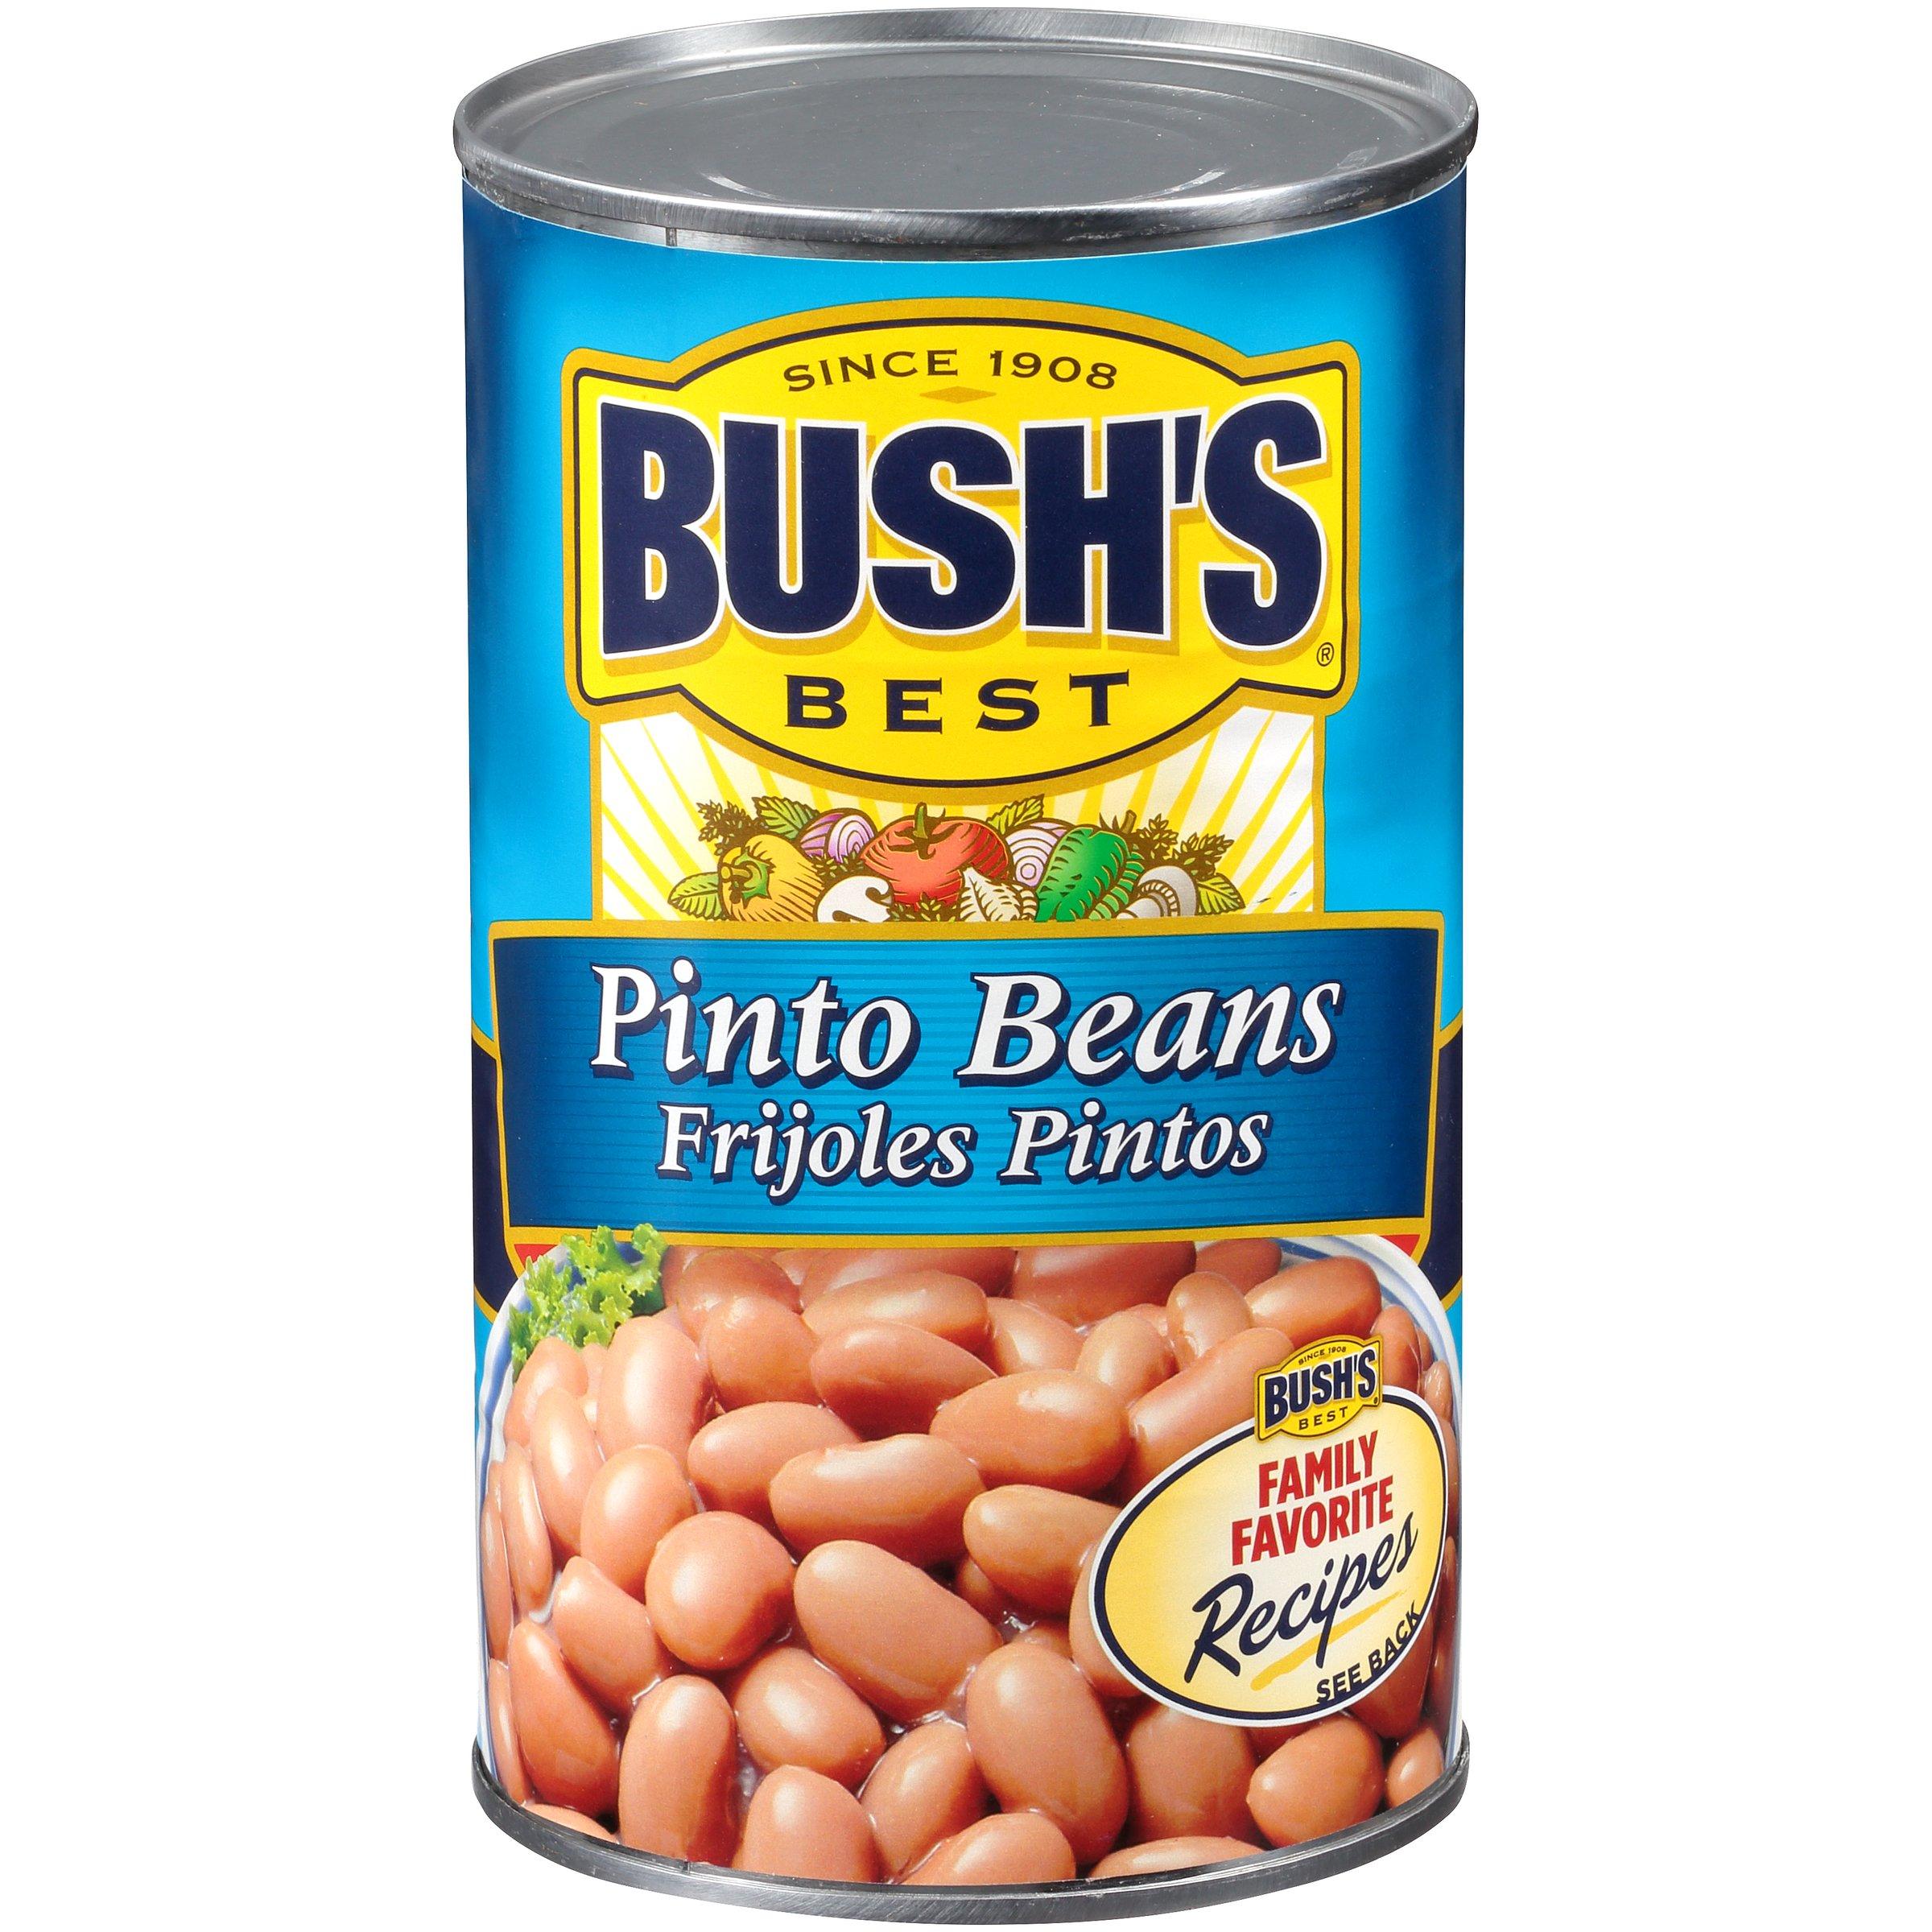 Bush's Best Pinto Beans - Shop Beans